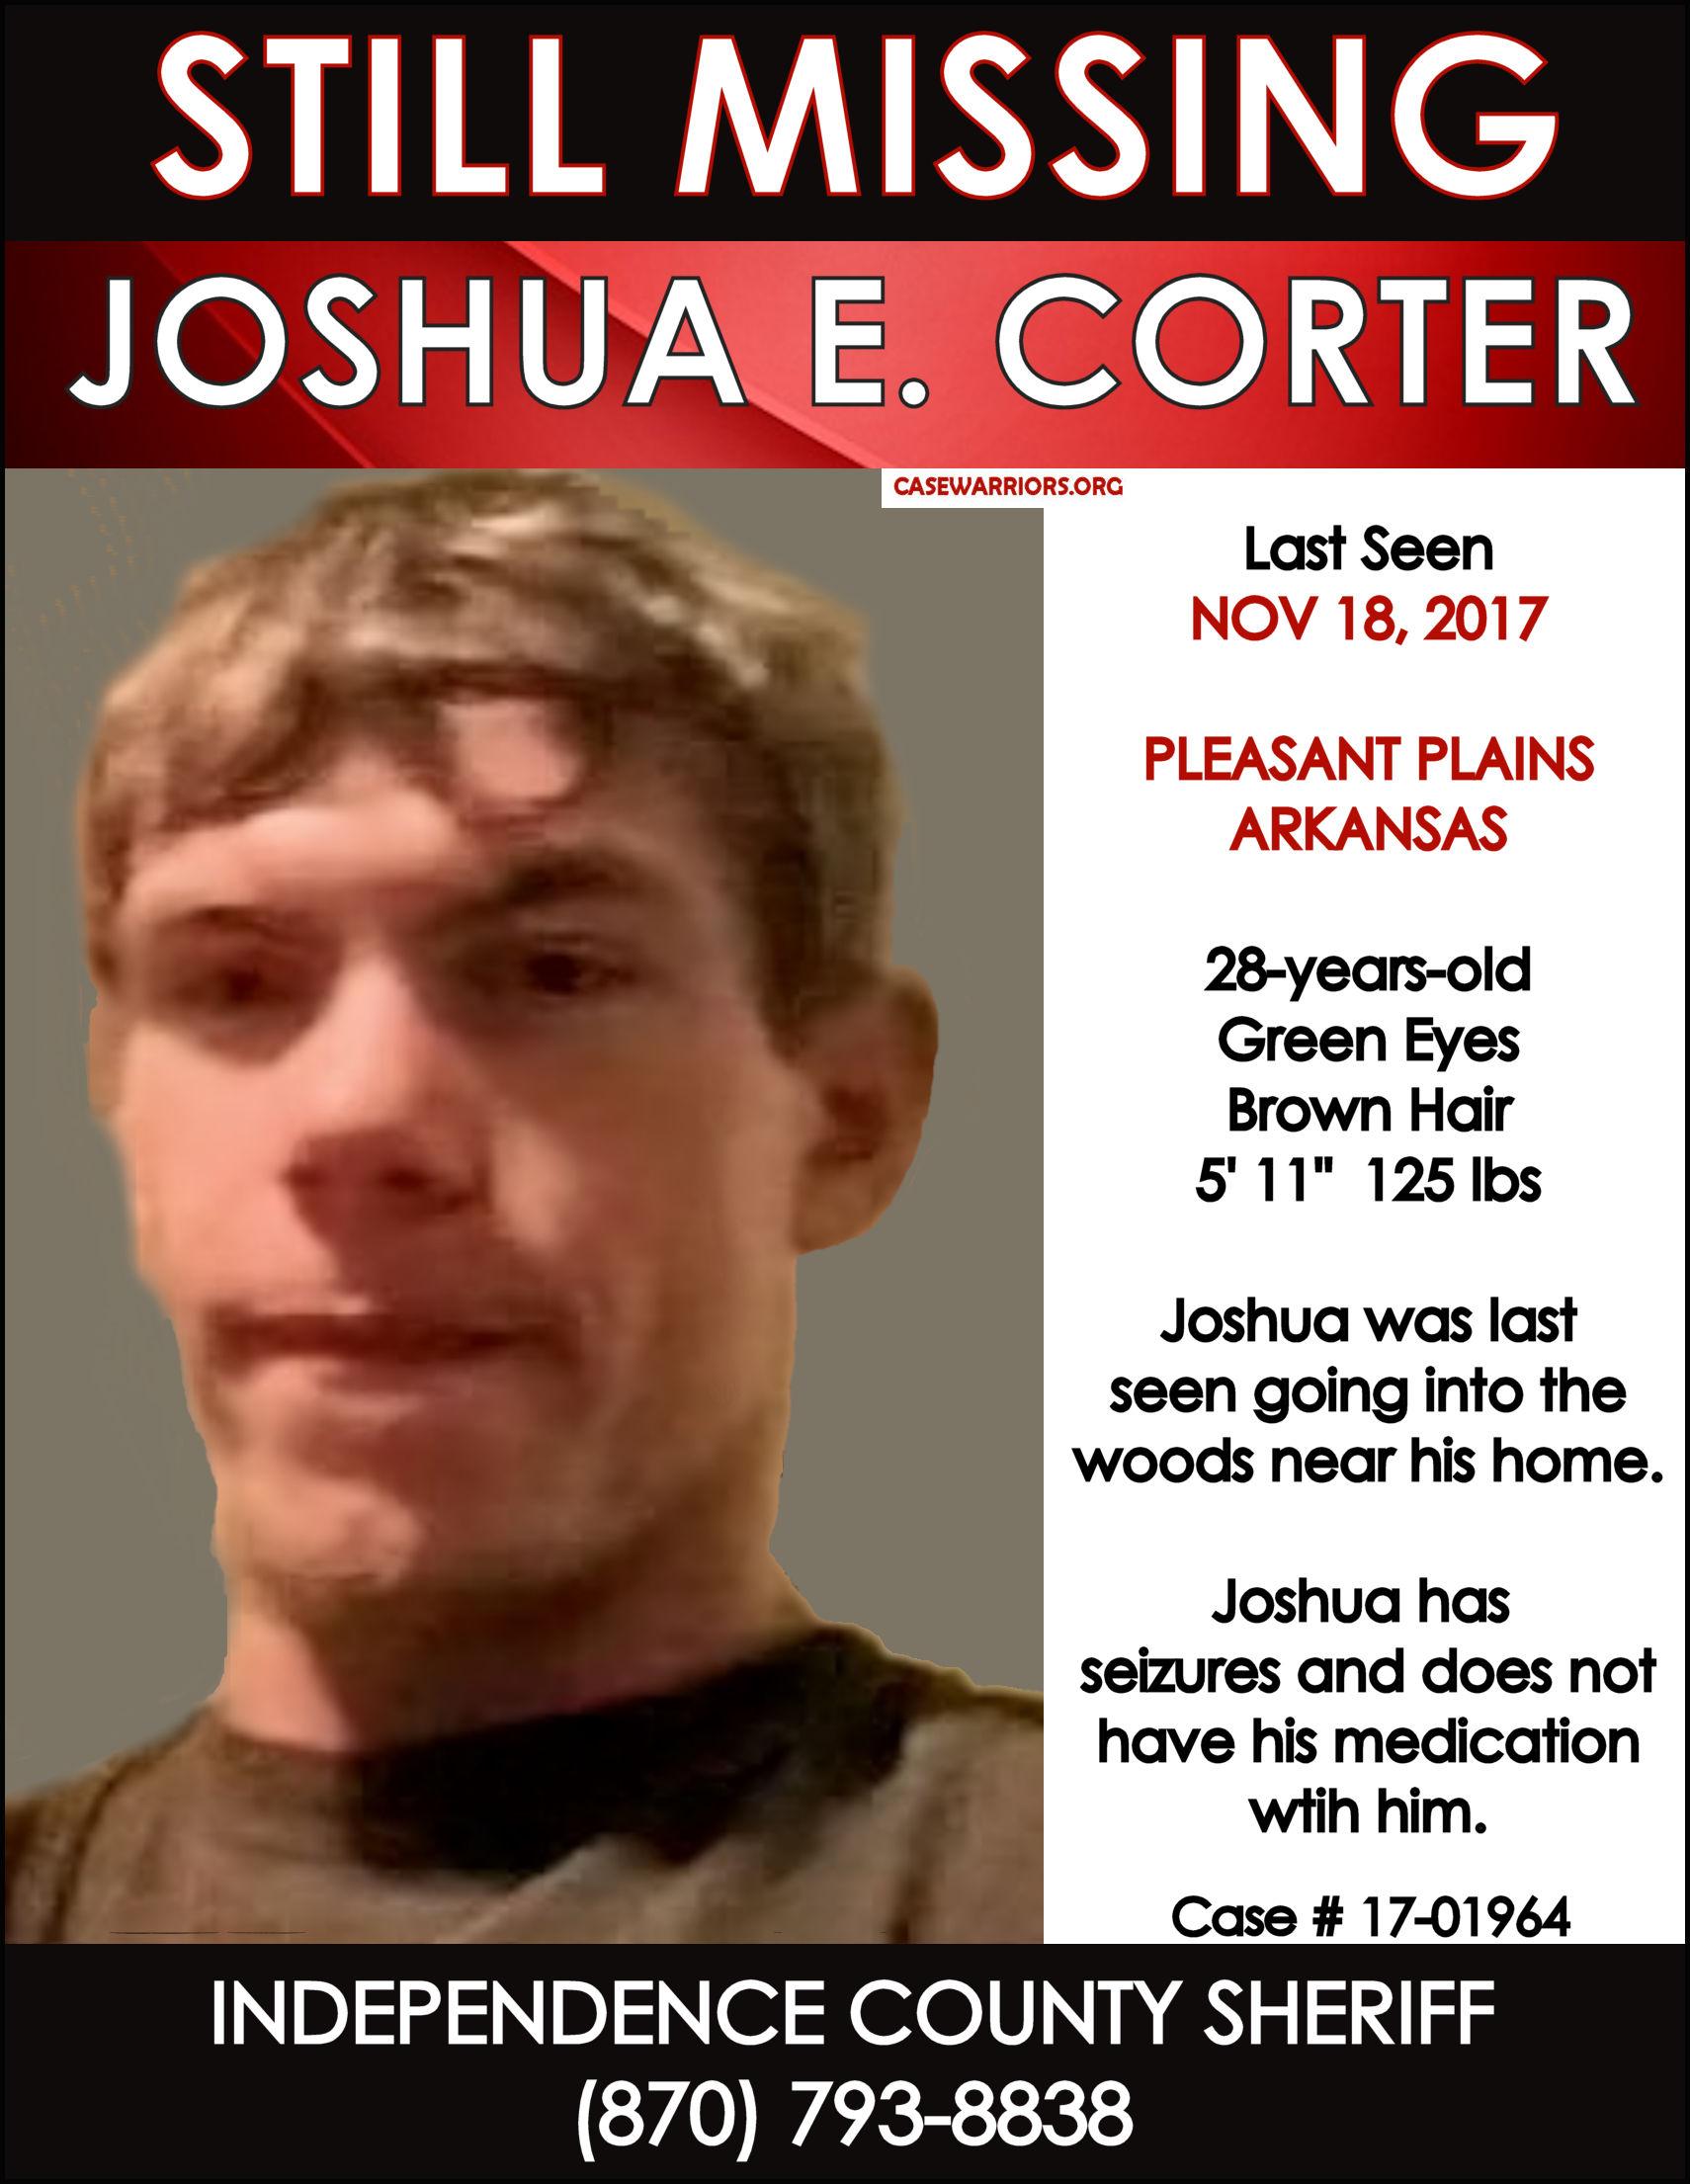 JOSHUA CORTER